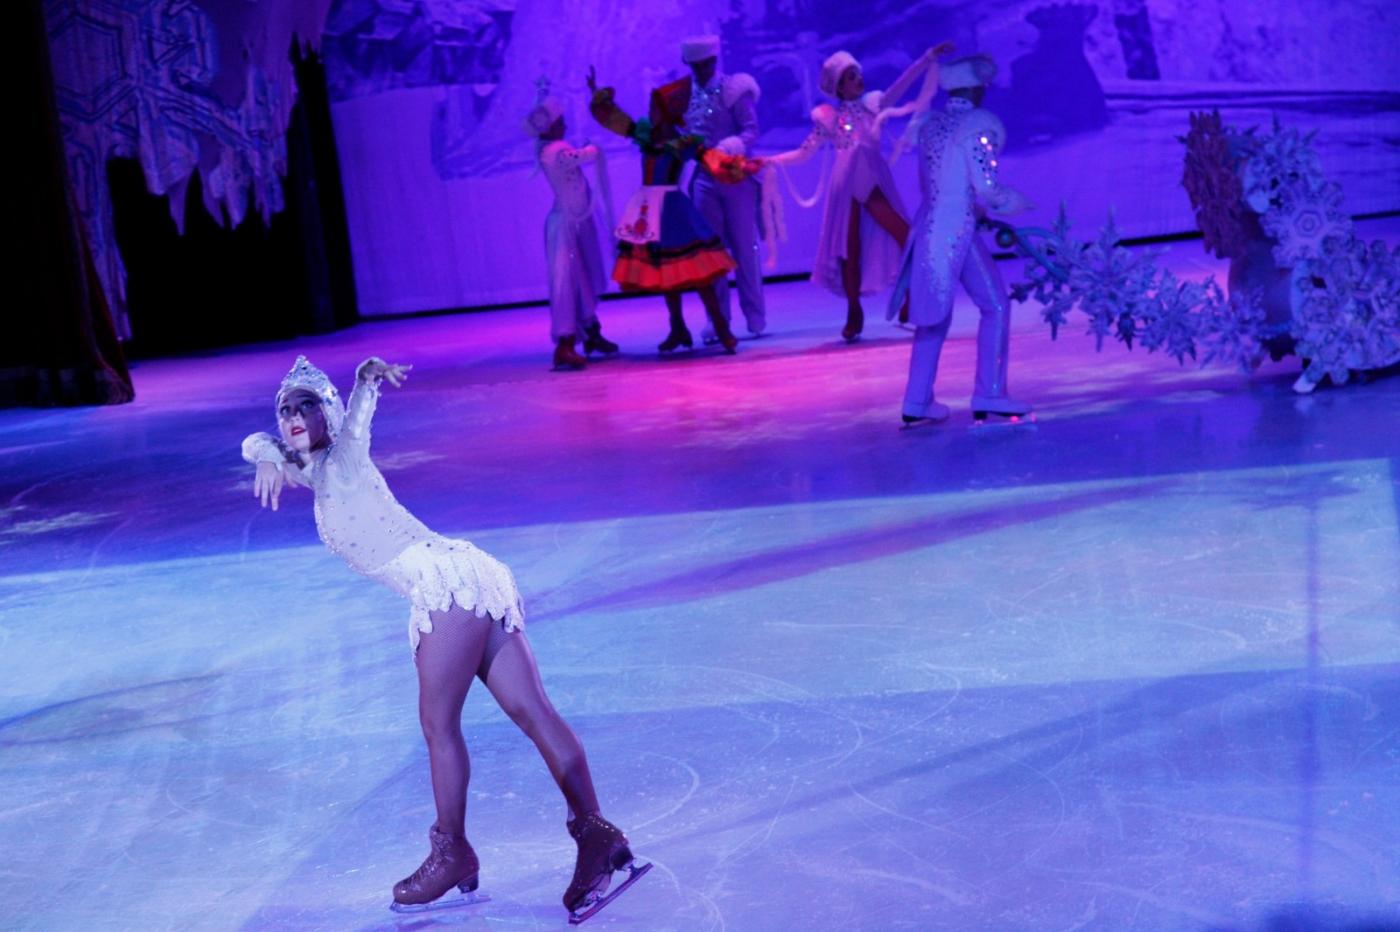 在海洋绿洲号游轮,观看冰上芭蕾,花样溜冰专场演出_图1-20